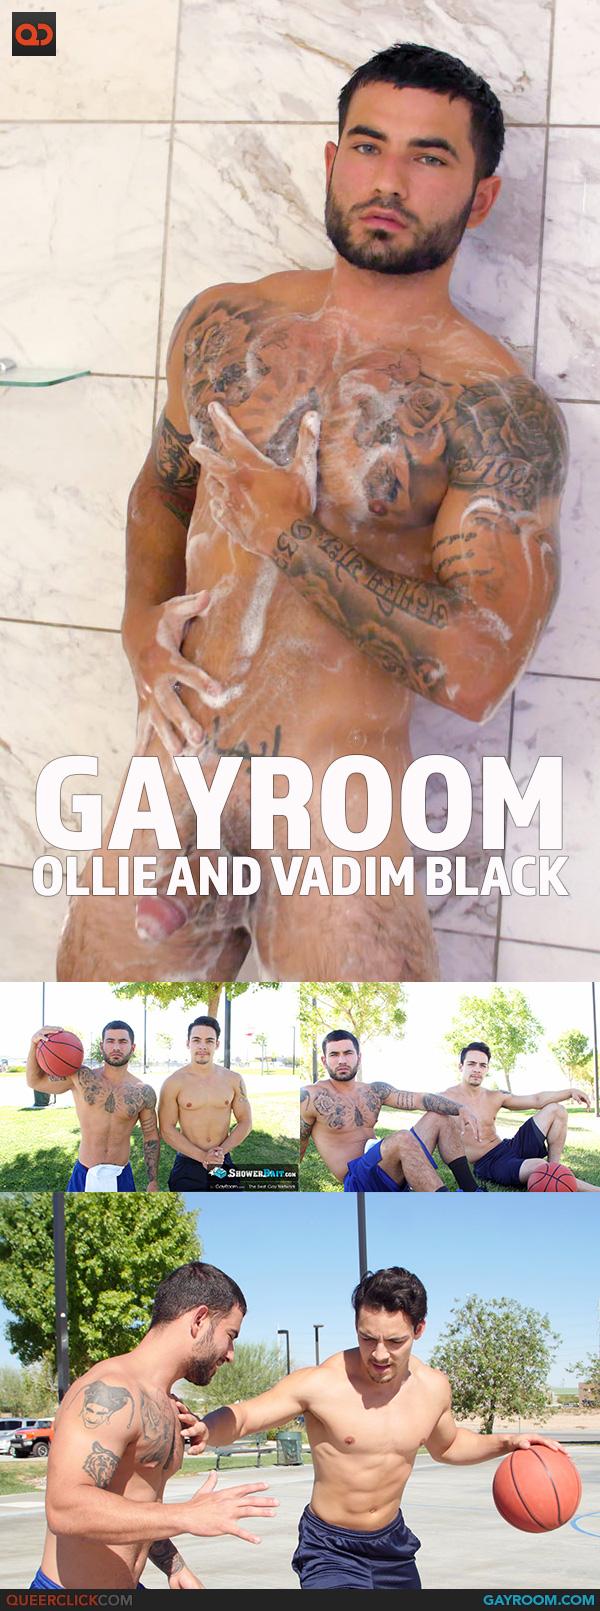 GayRoom: Ollie and Vadim Black